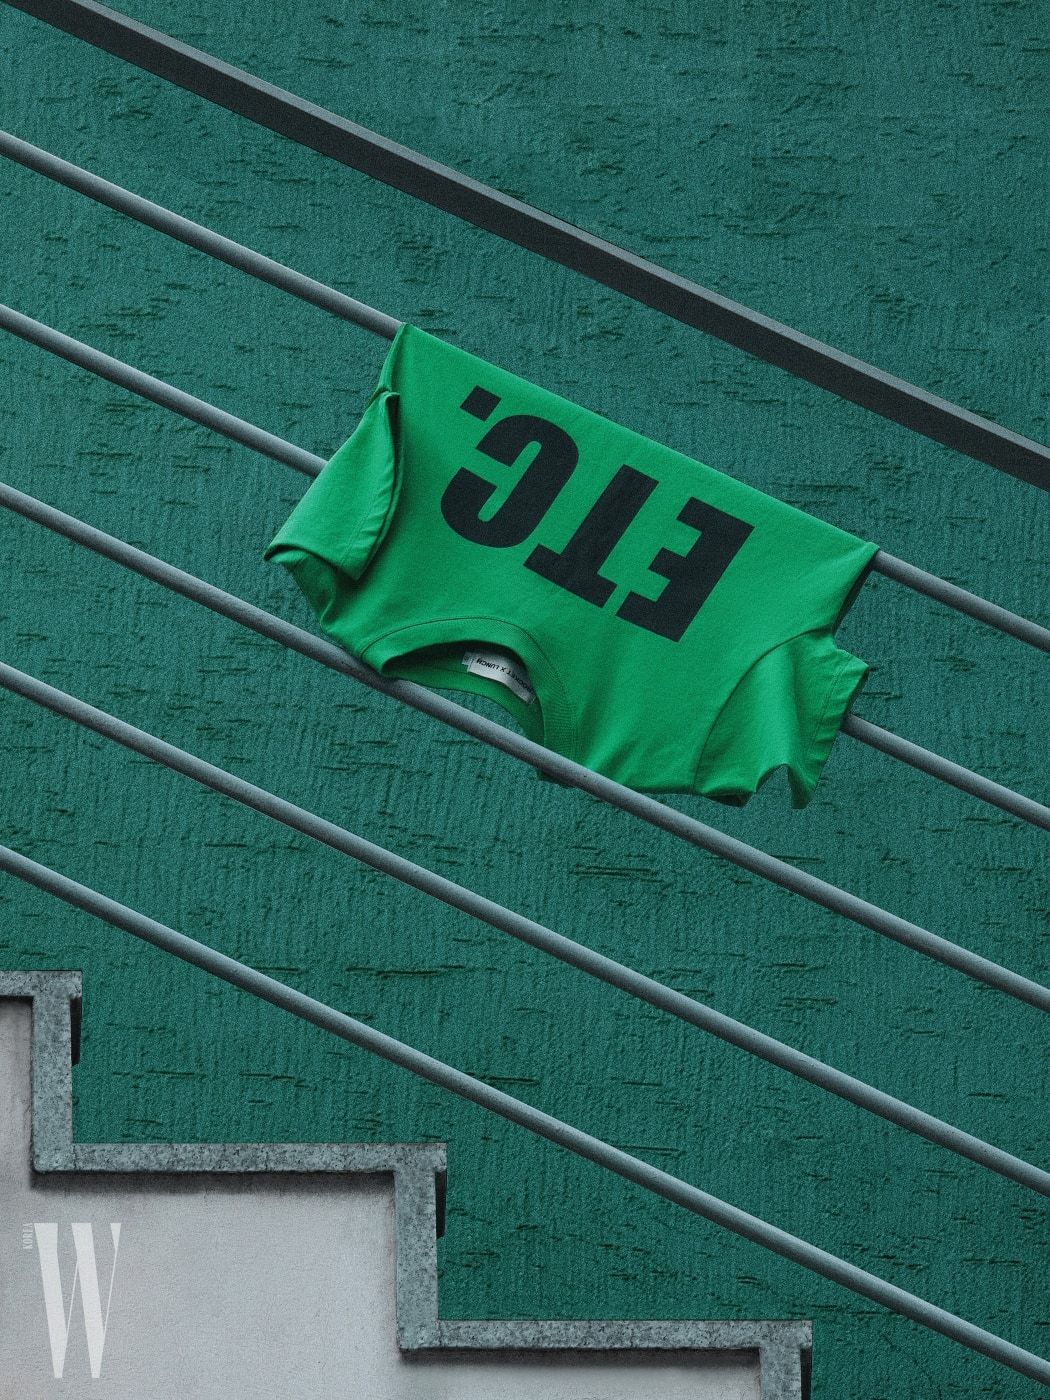 5 두꺼운 레터링이 묵직하게 얹어진 초록색 티셔츠는 로켓X런치 제품. 3만9천원.